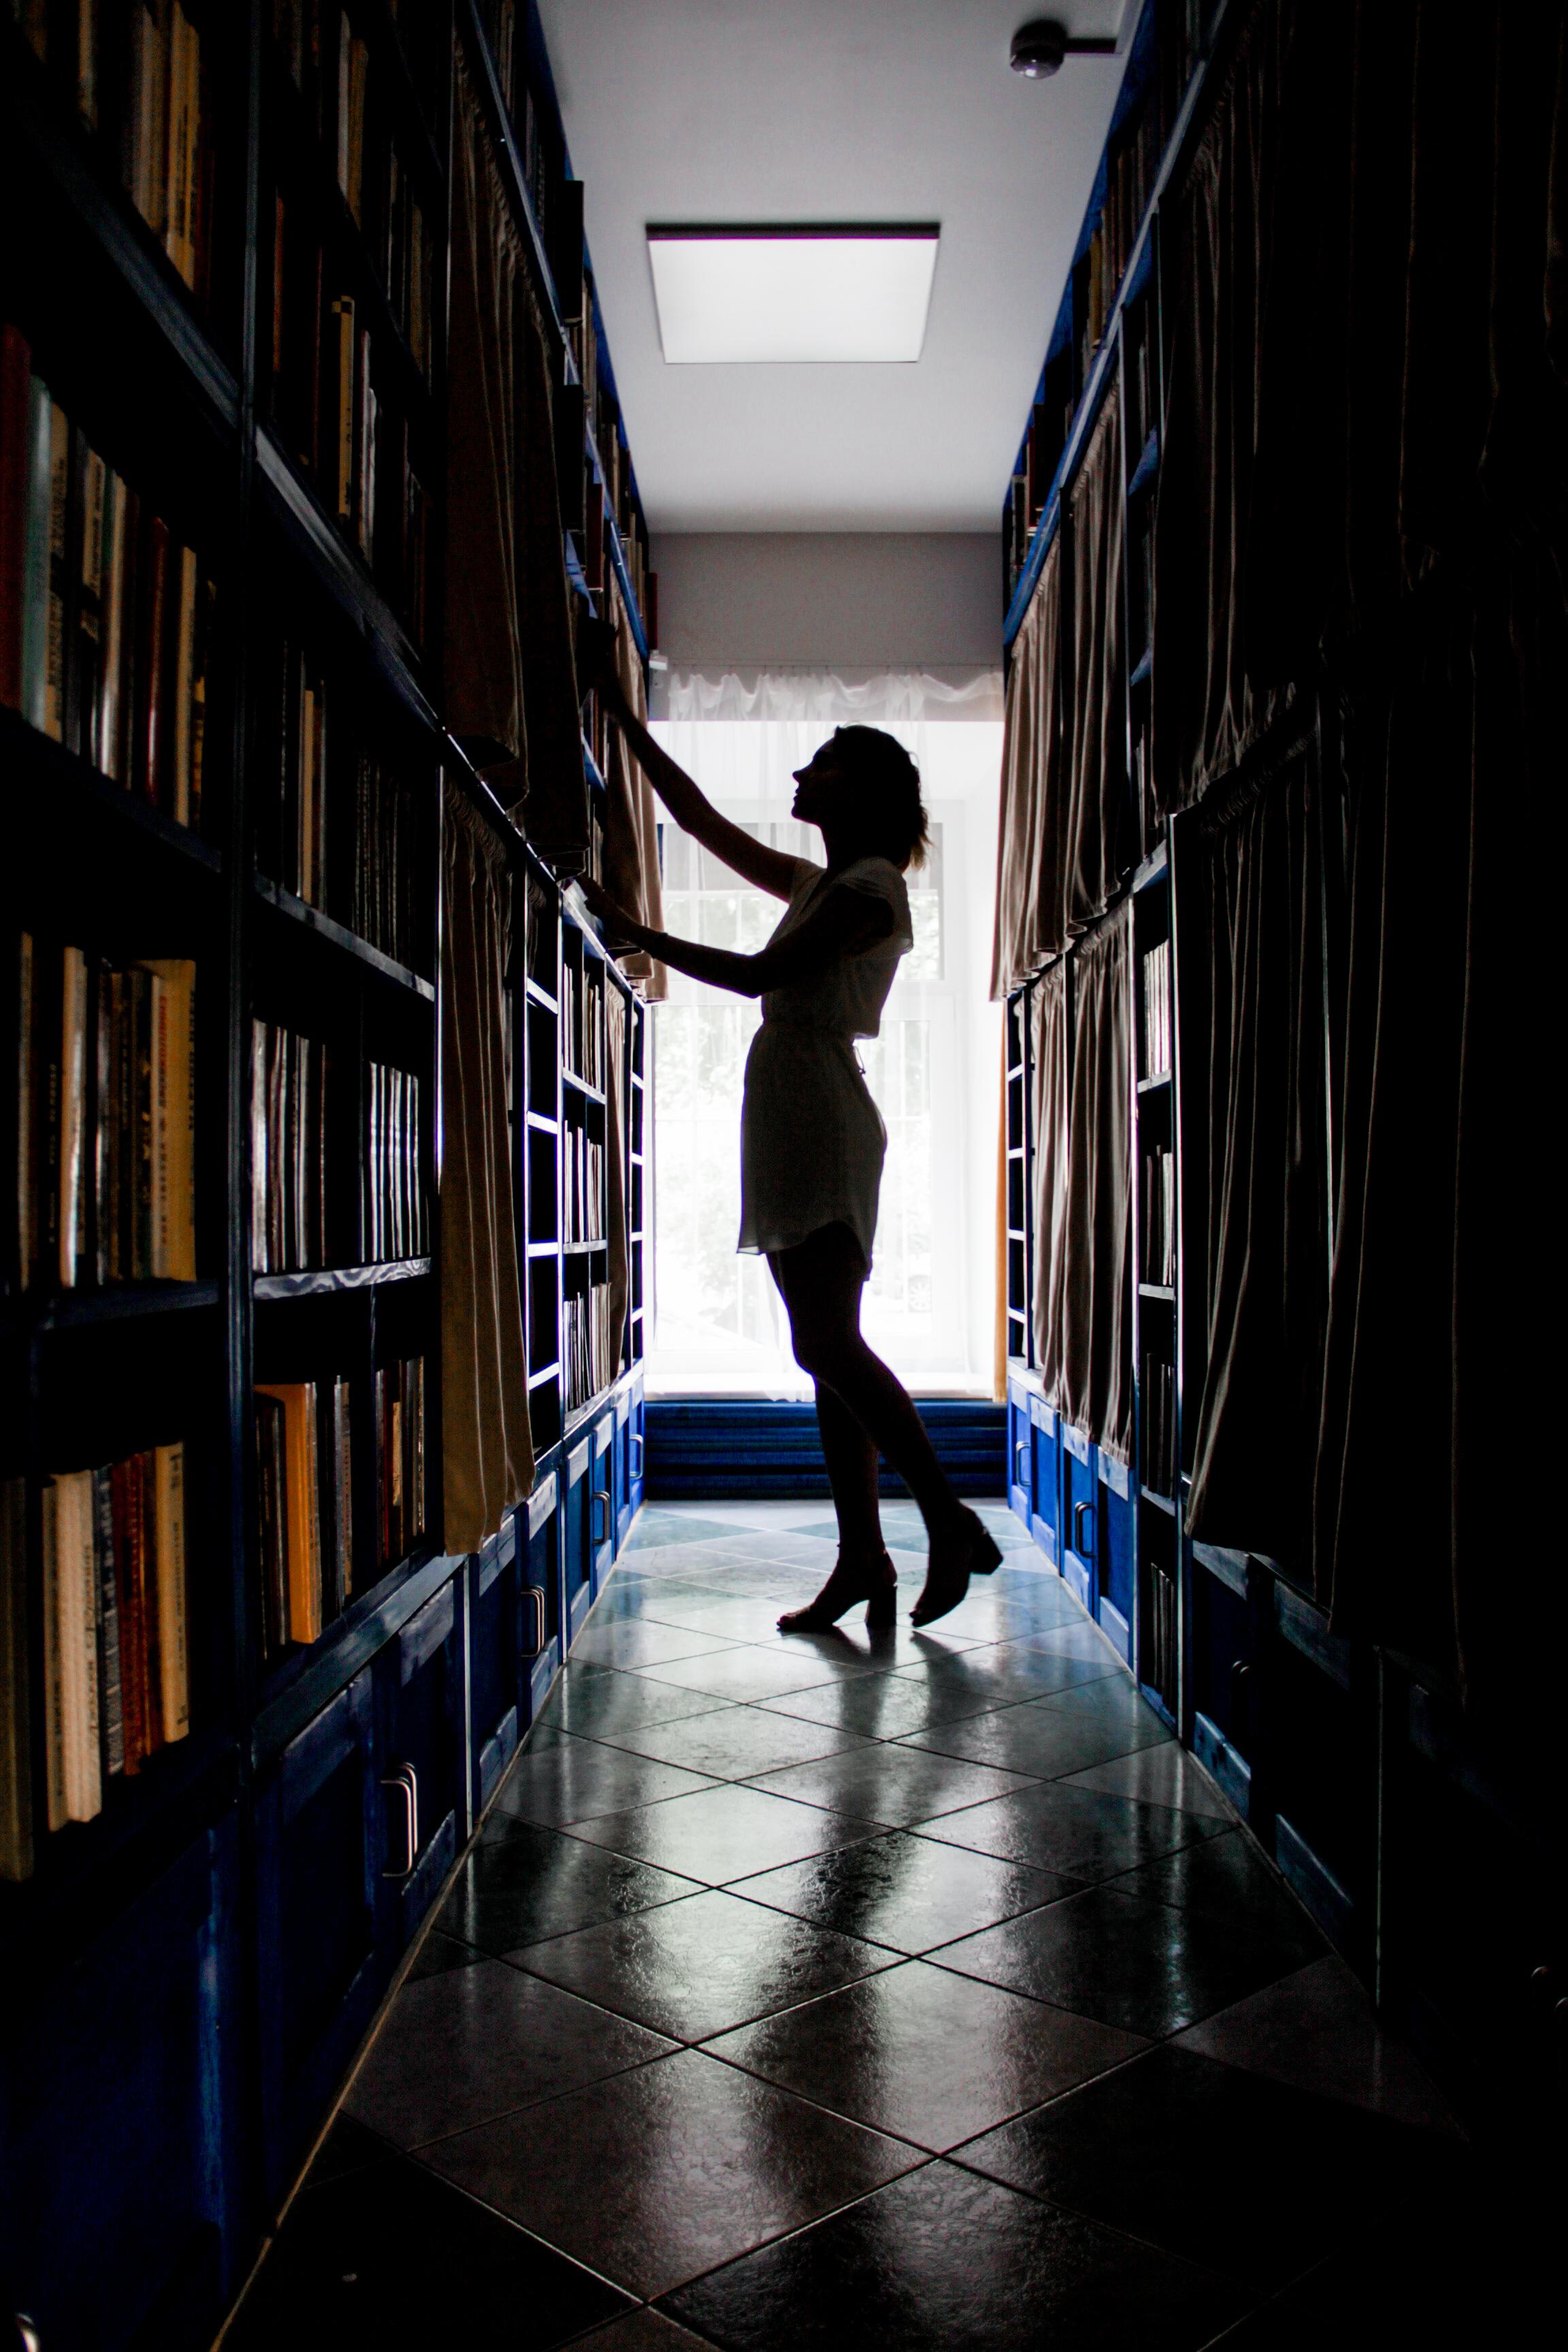 У нас примерно 2300 книг и журналов на разных языках